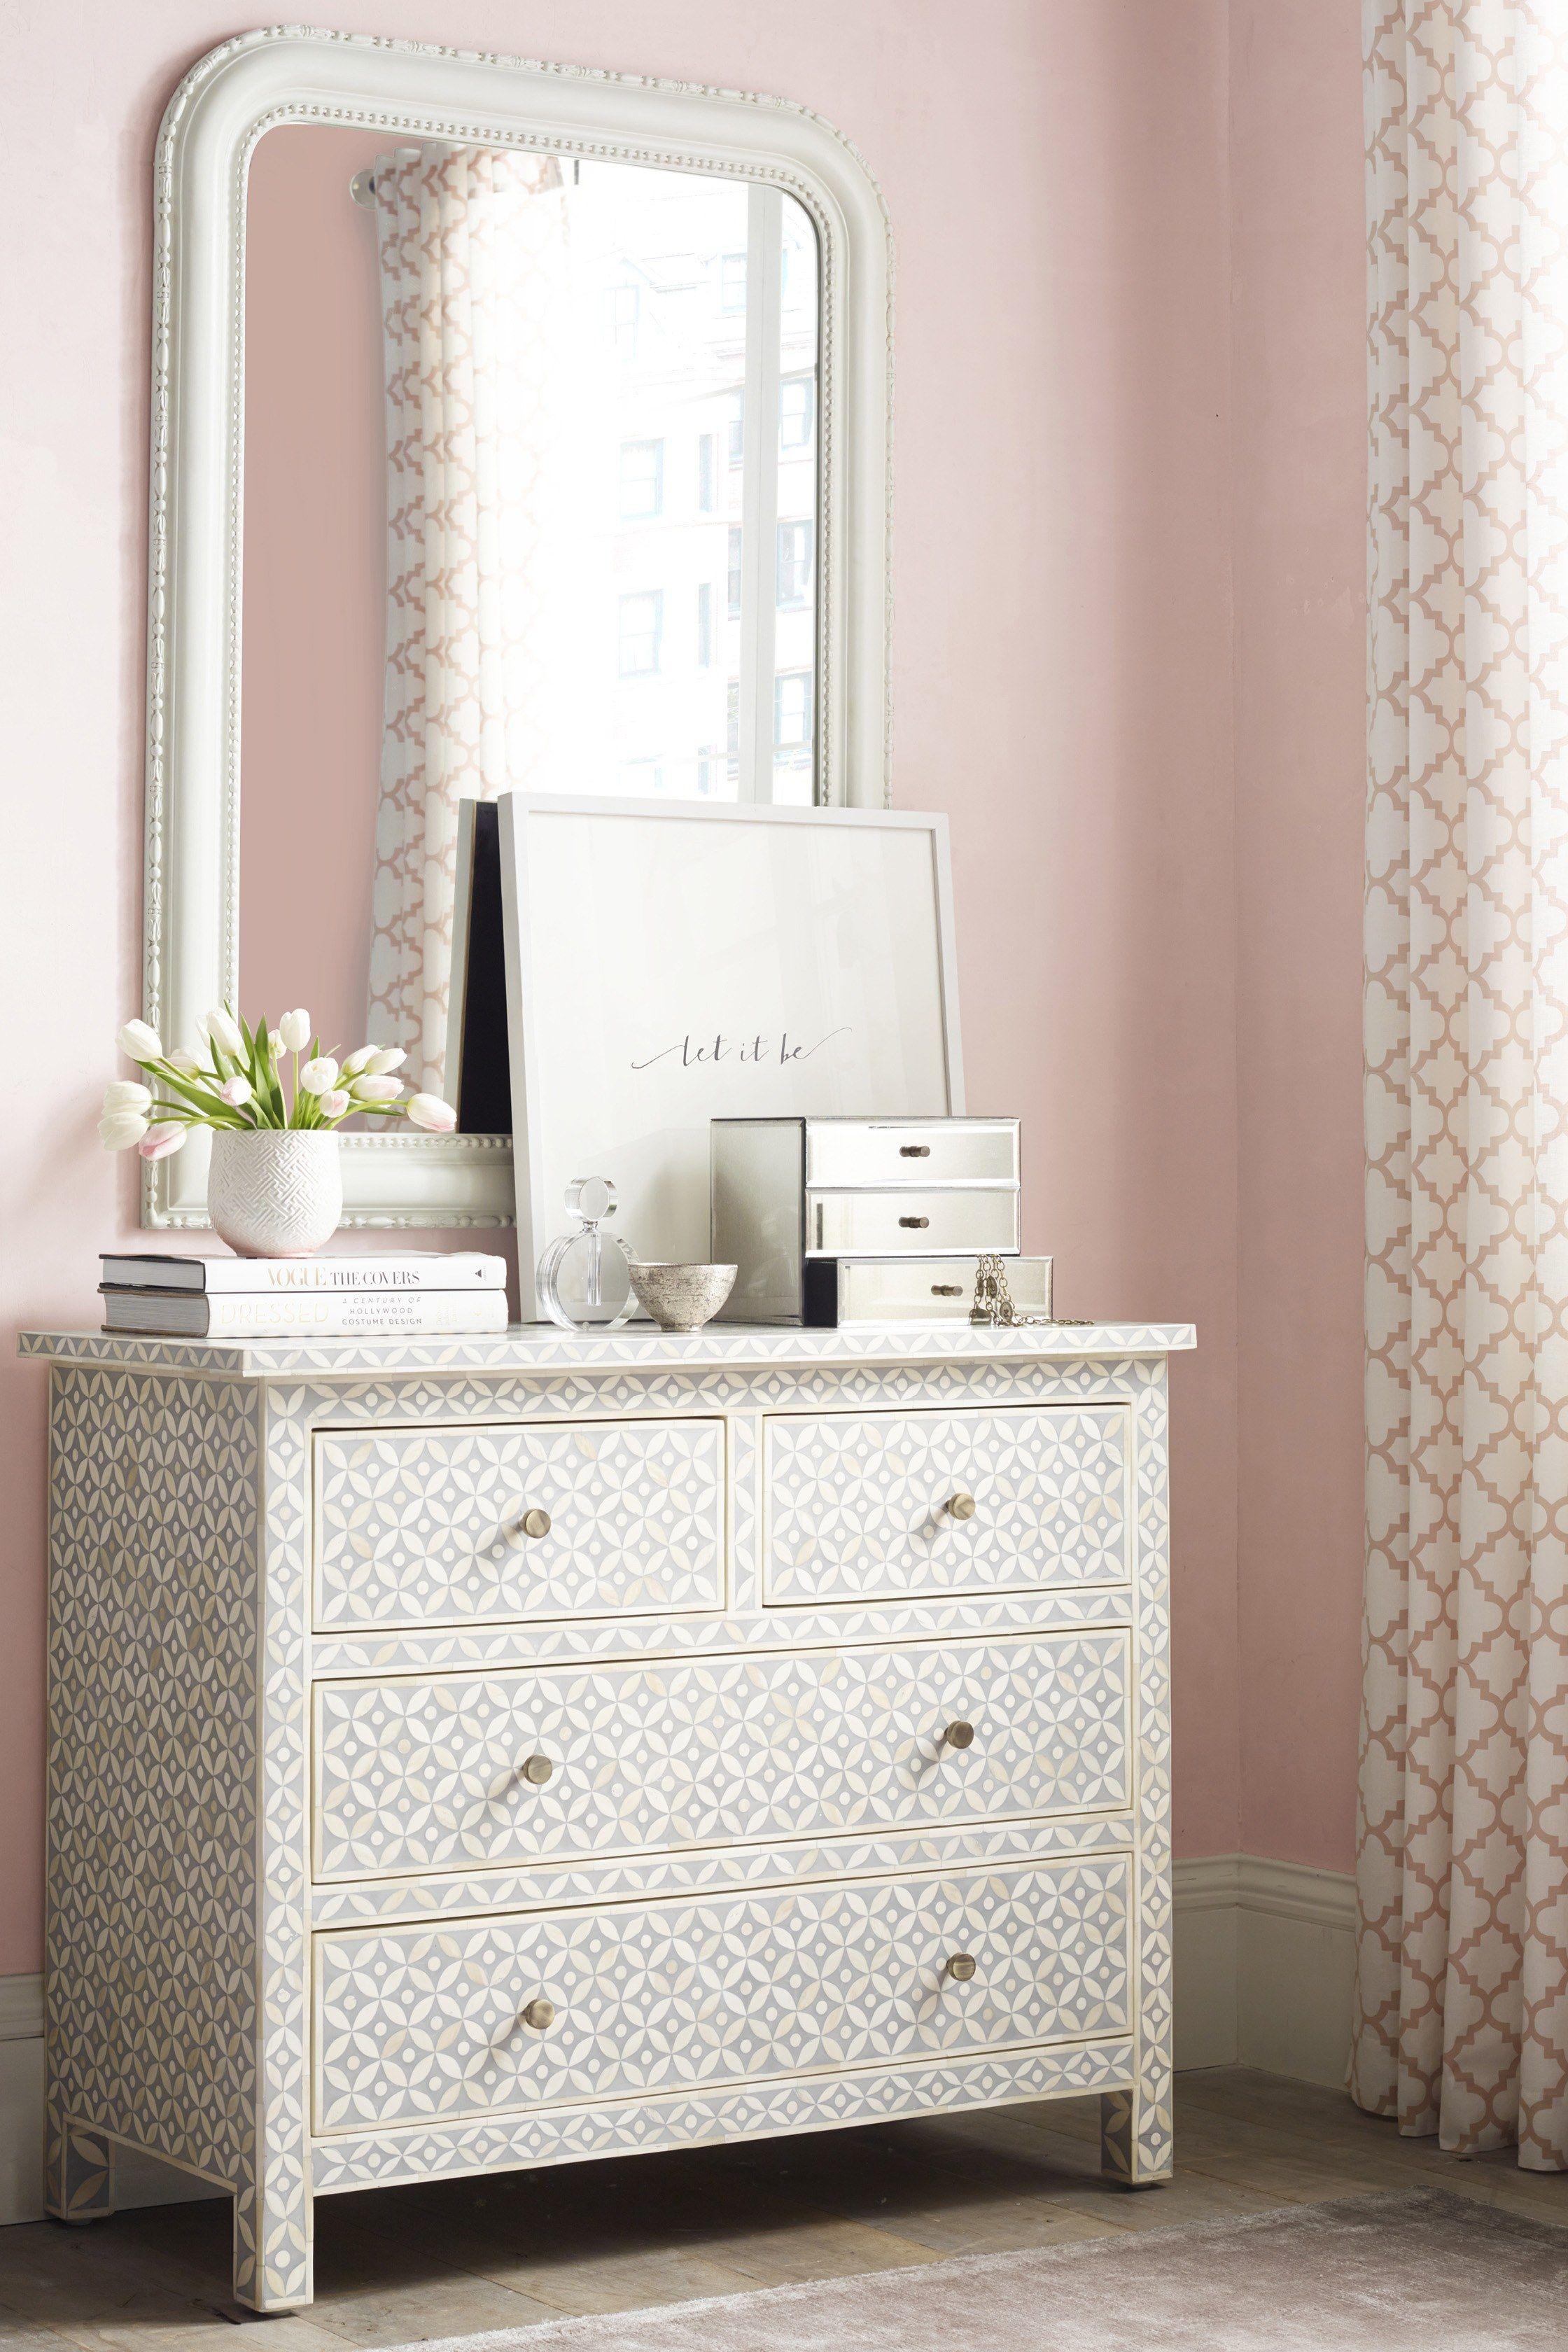 Dream Bedroom Alert: Restoration Hardwareu0027s New Teen Line Is Finally Here